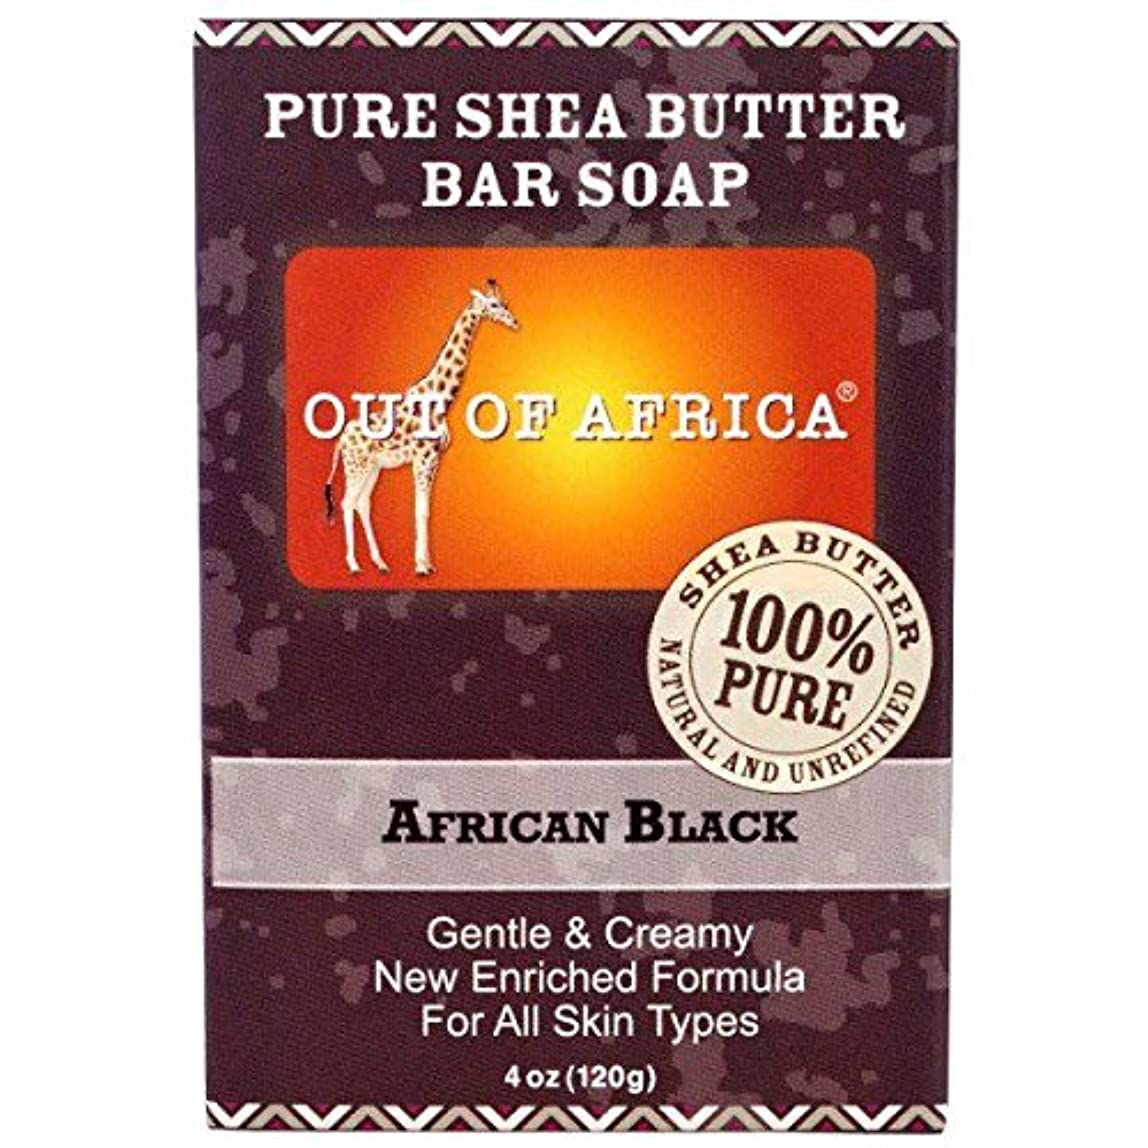 怠惰パキスタン学習者【海外直送品】【2個セット】Out of Africa - Pure Shea Butter Bar Soap, African Black, 4 oz (120 g)